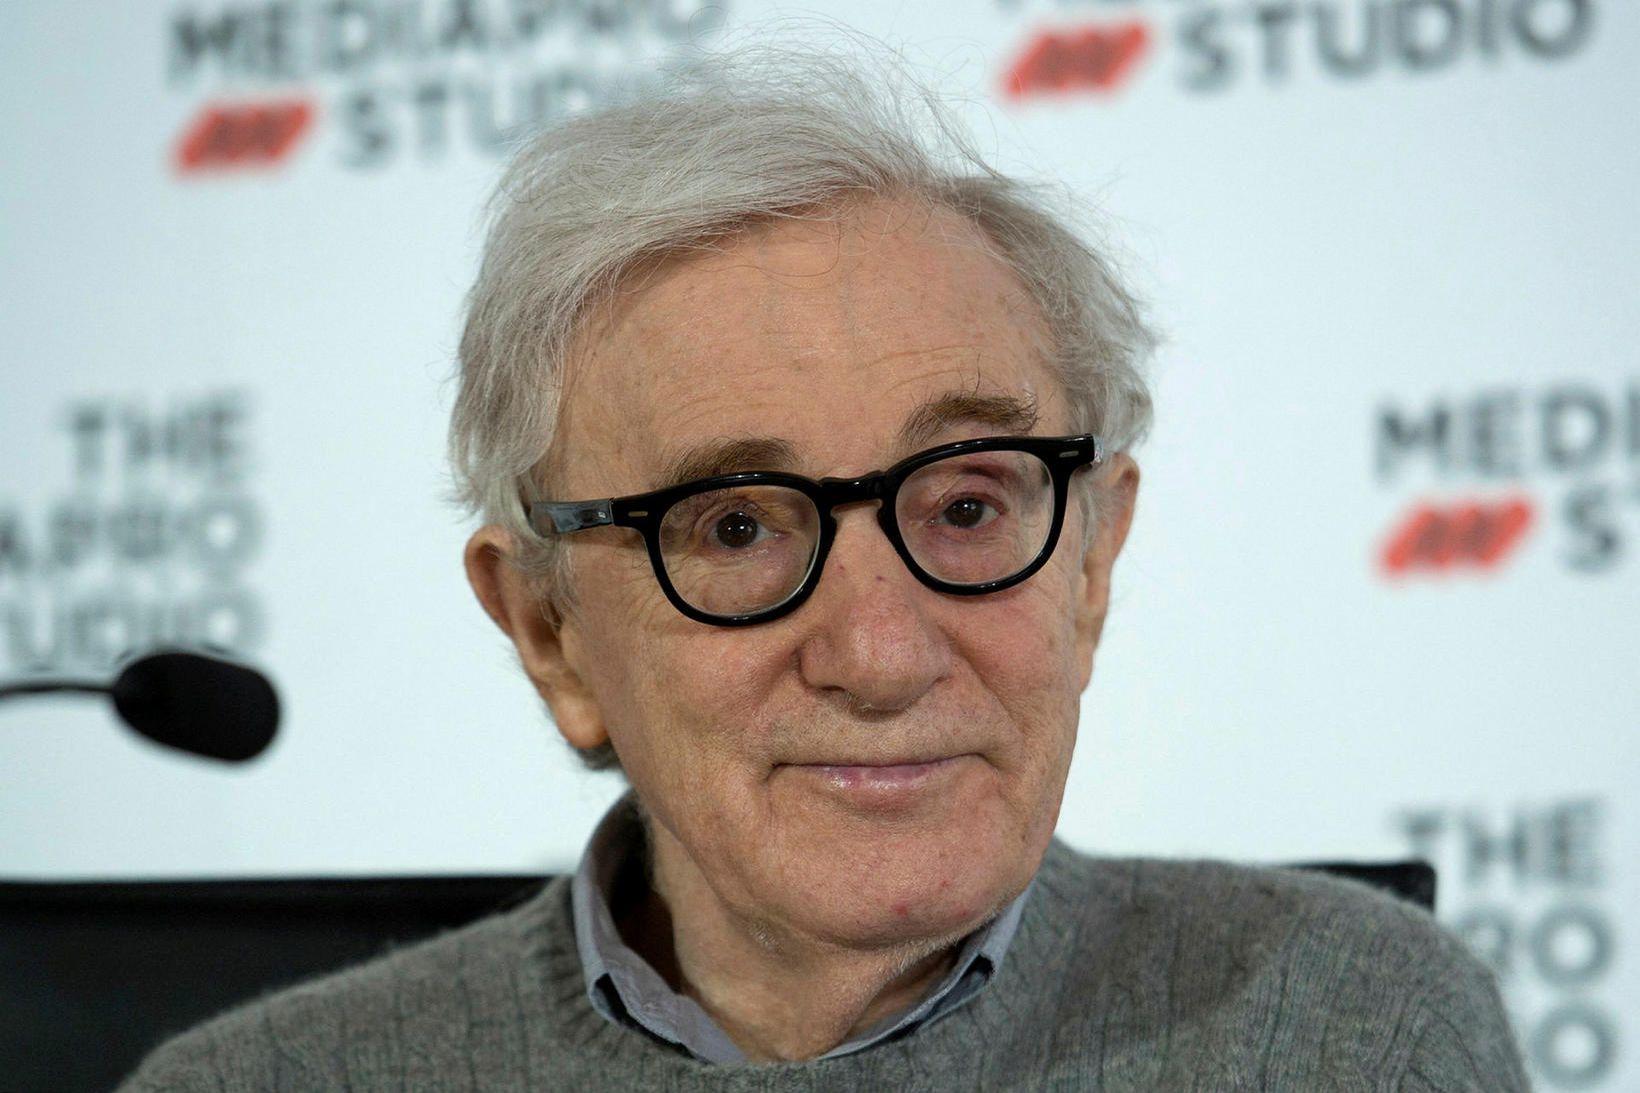 Woody Allen neitar öllum ásökunum.